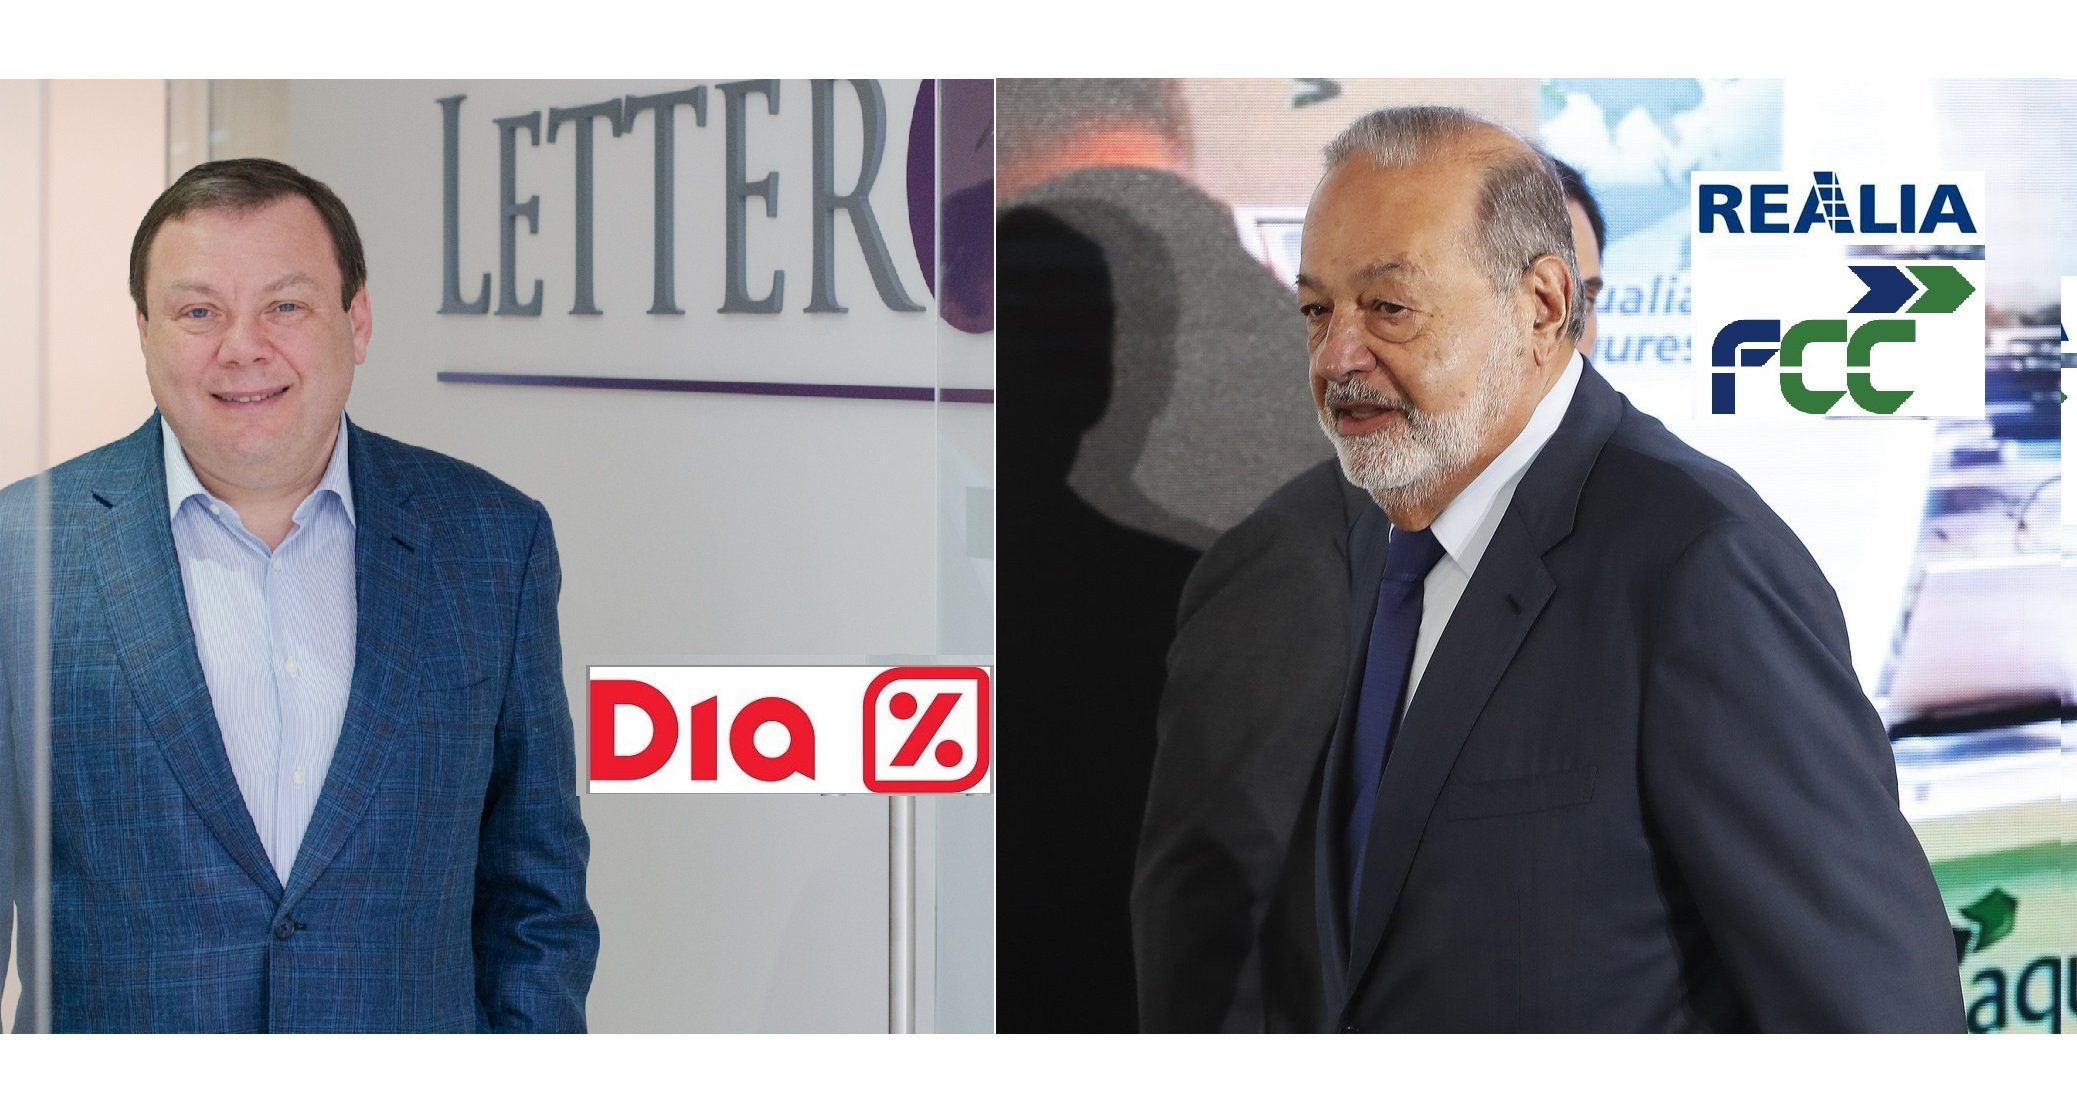 Slim y Fridman se quedarán con Realia y DIA a precios de saldo. Así se malvende la empresa española